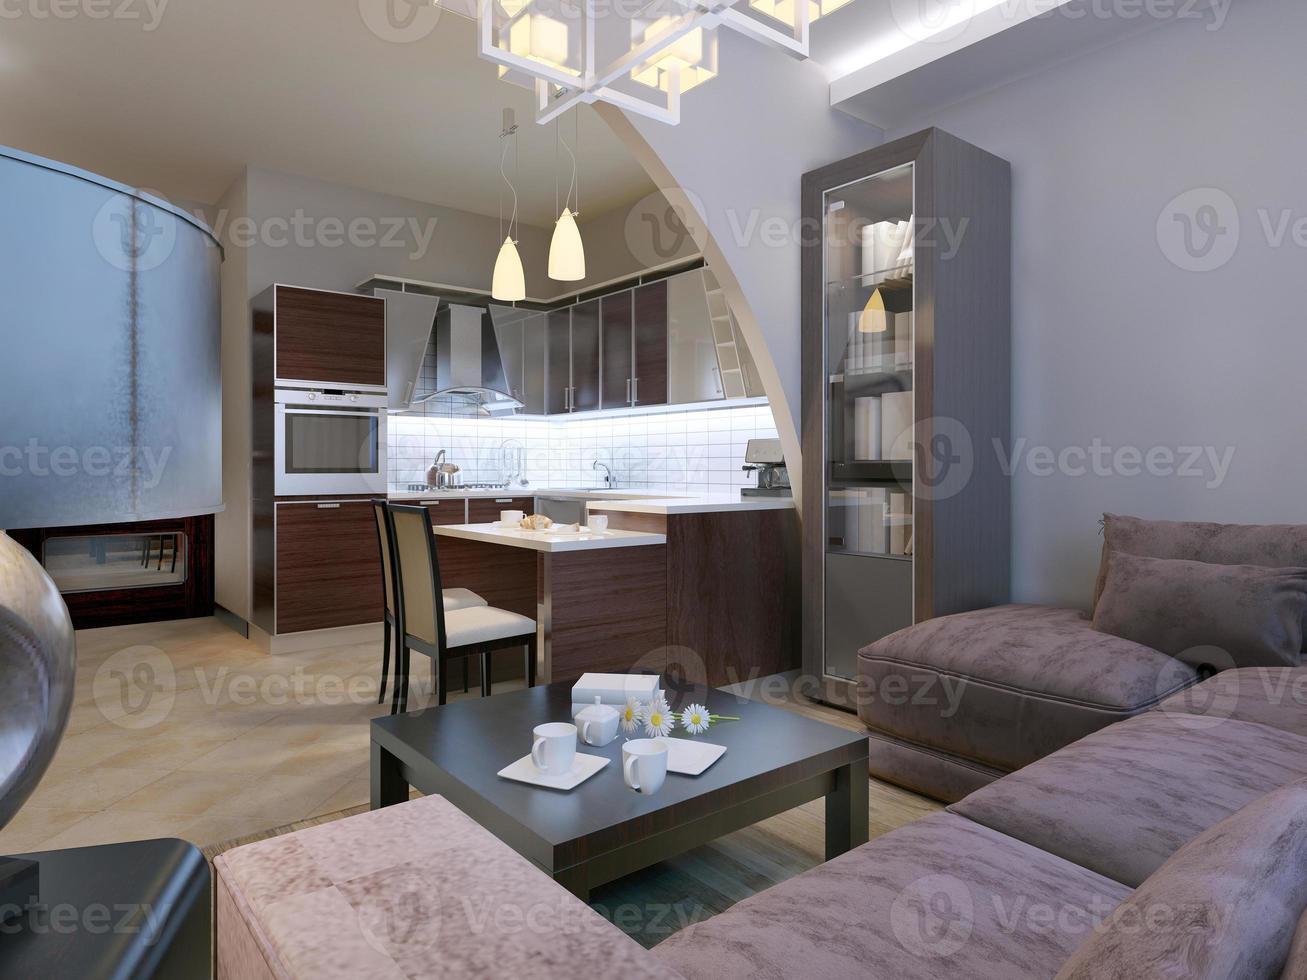 modernes Interieur eines Wohnzimmerstudios foto